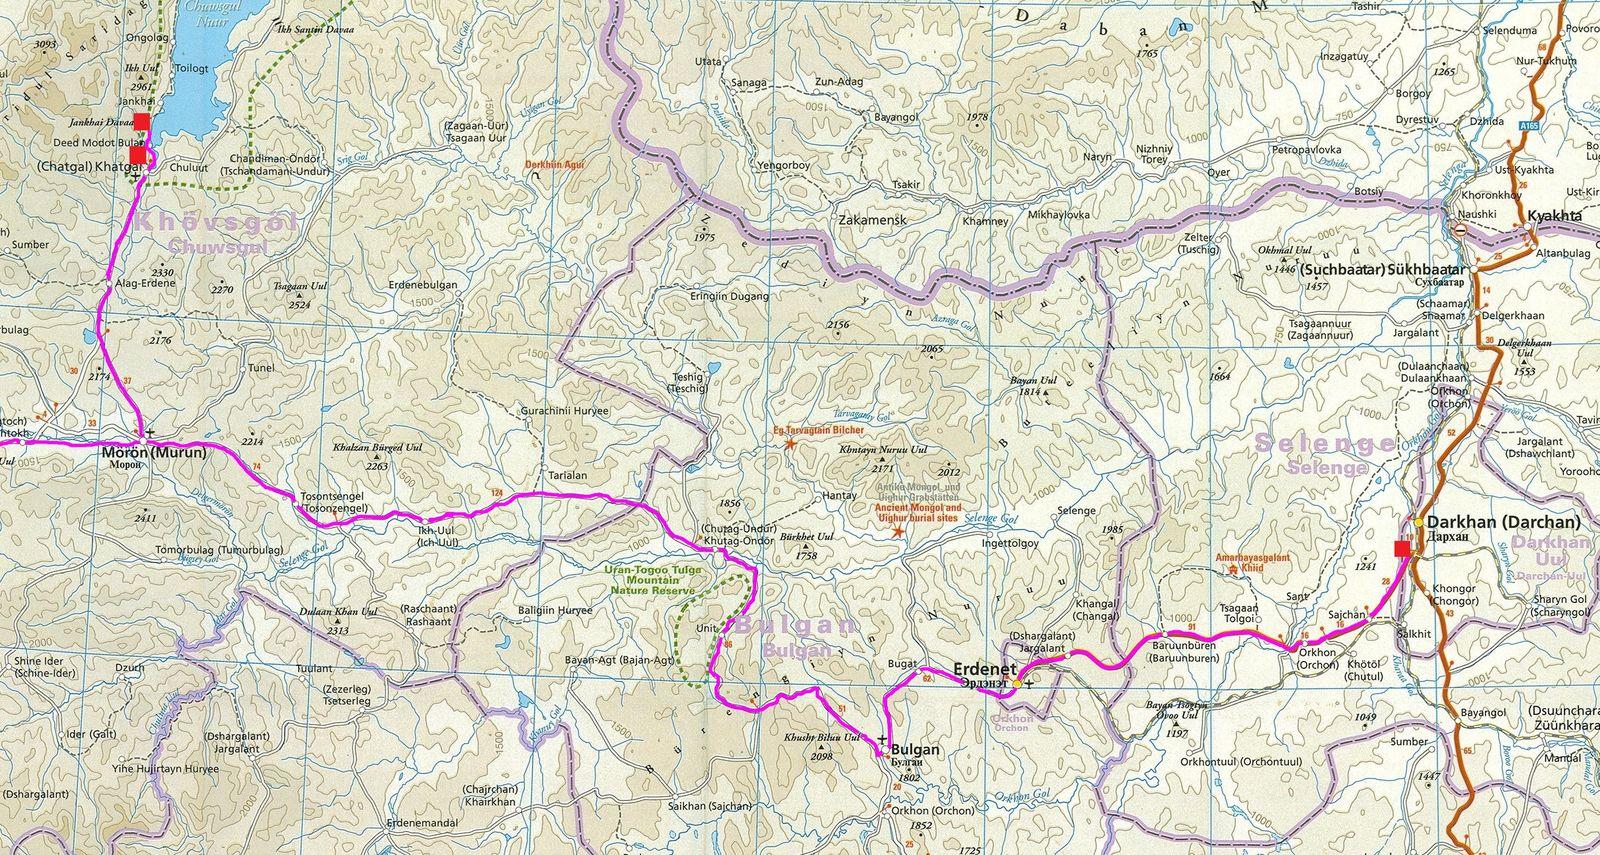 19-07-20-21-map